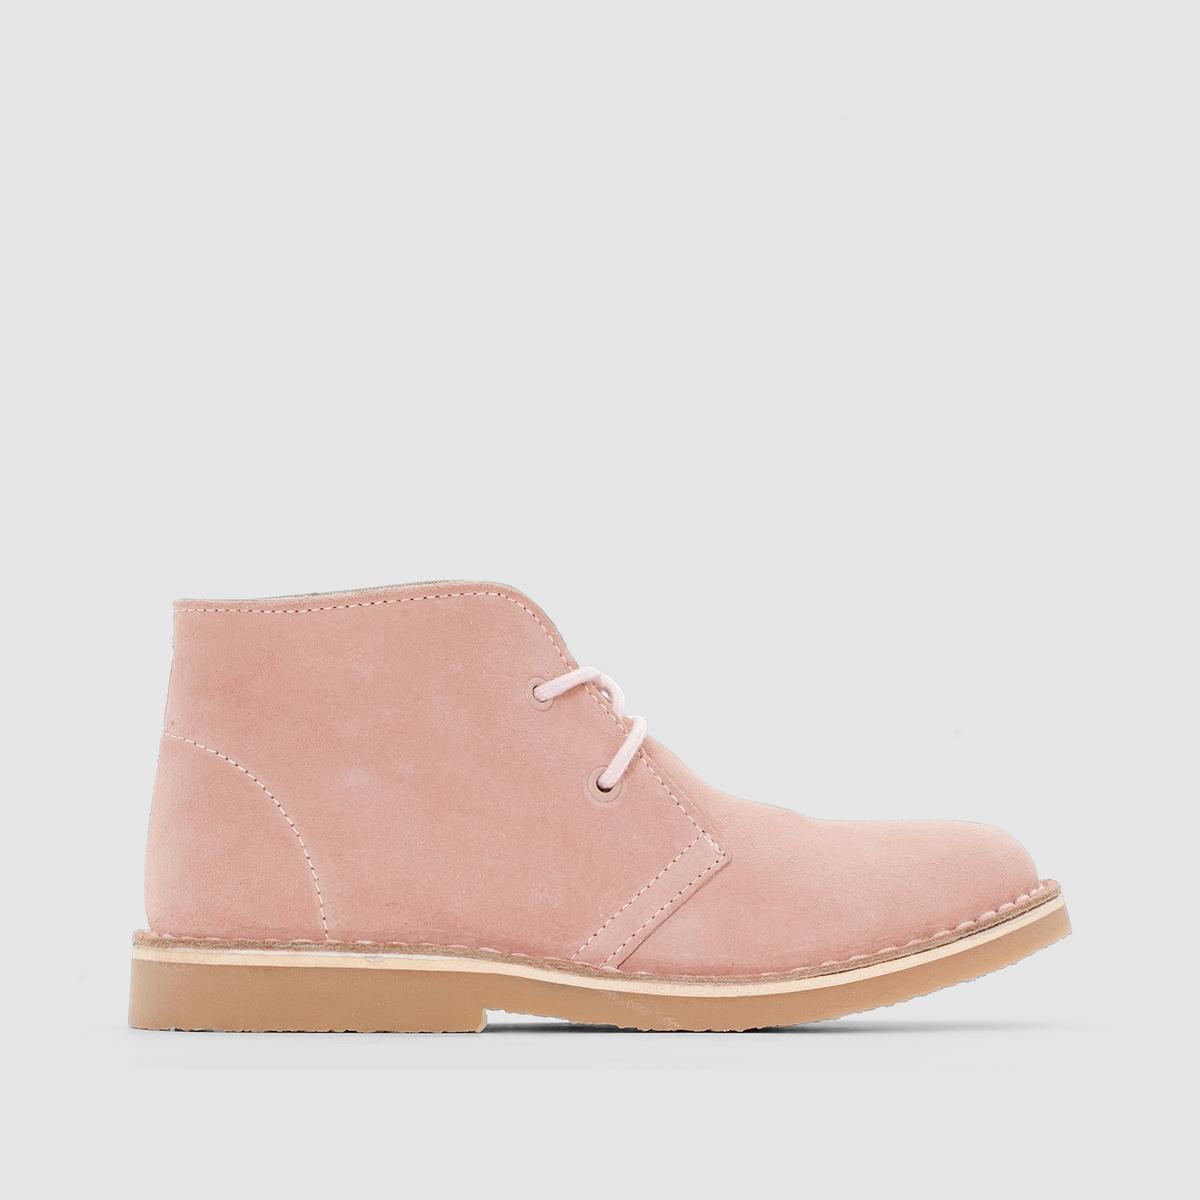 Ботинки из невыделанной кожиКрасивая мягкая невыделанная кожа в винтажном и, одновременно, современном стиле: ботинки, созданные для спокойных прогулок или, по настроению, для бега и динамичных игр!<br><br>Цвет: розовый телесный<br>Размер: 30